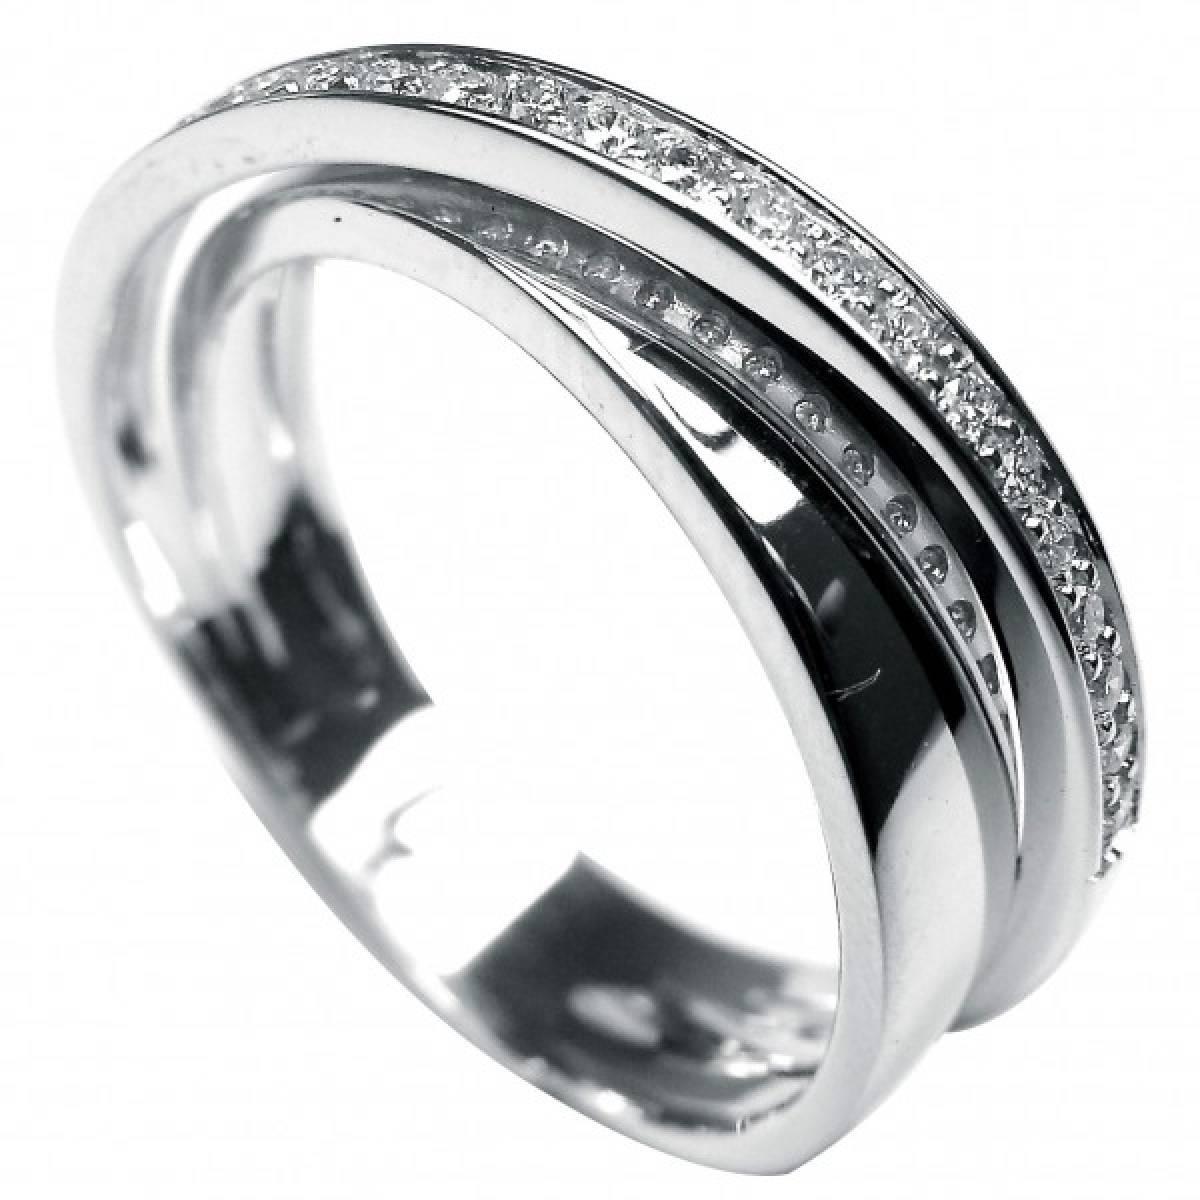 Anel de Noivado em Ouro Branco com Diamantes ou Safiras